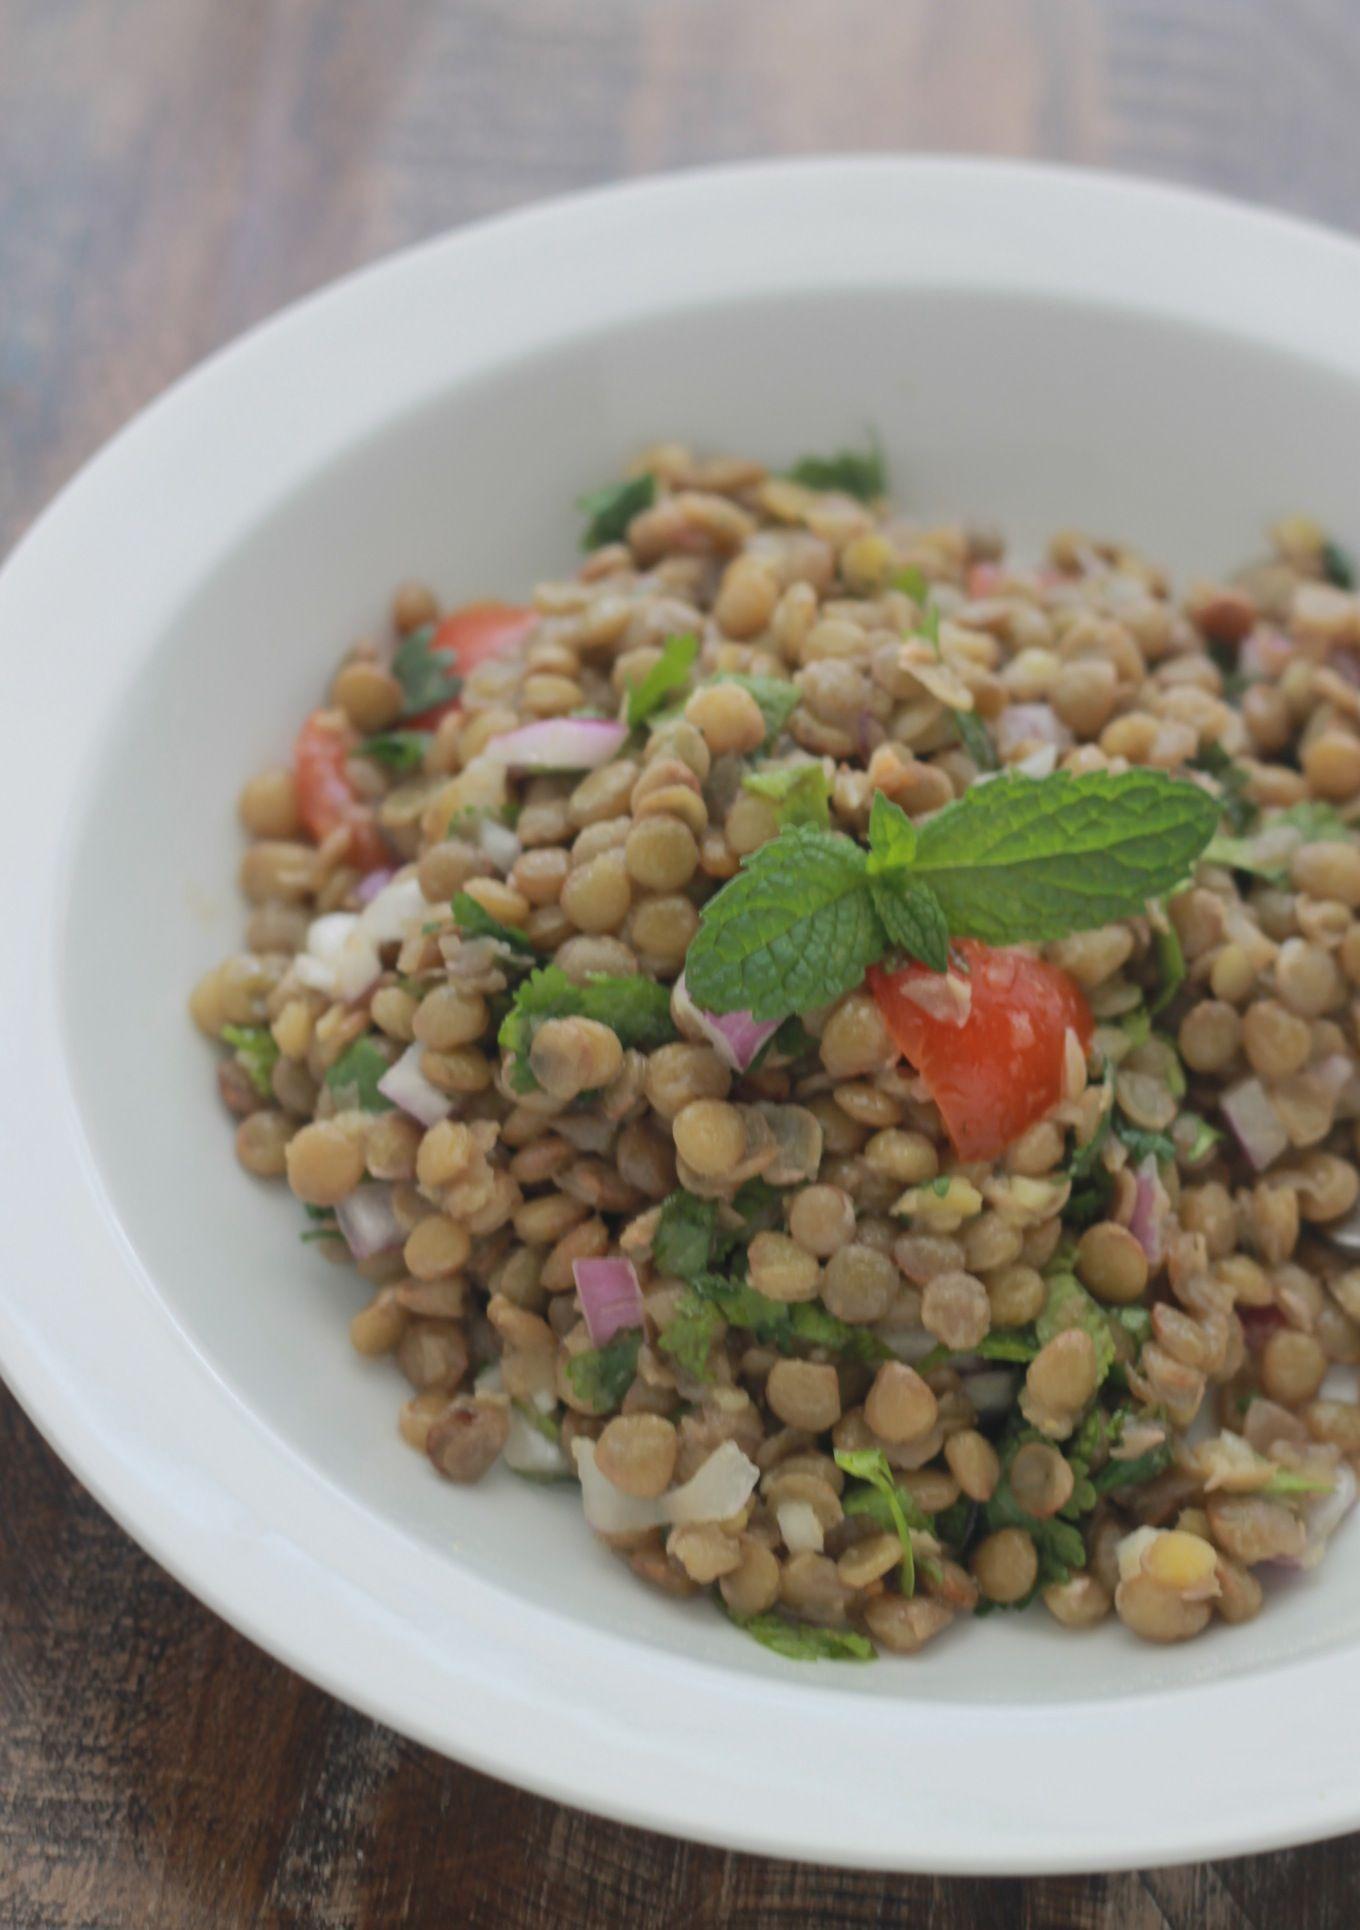 Salade de lentilles marocaine parfumée au cumin : lentilles, tomate, oignon, coriandre, menthe, vinaigrette à l'huile d'olive, jus de citron, ail, cumin. / végétarien / végétalien / cuisineculinaire.com